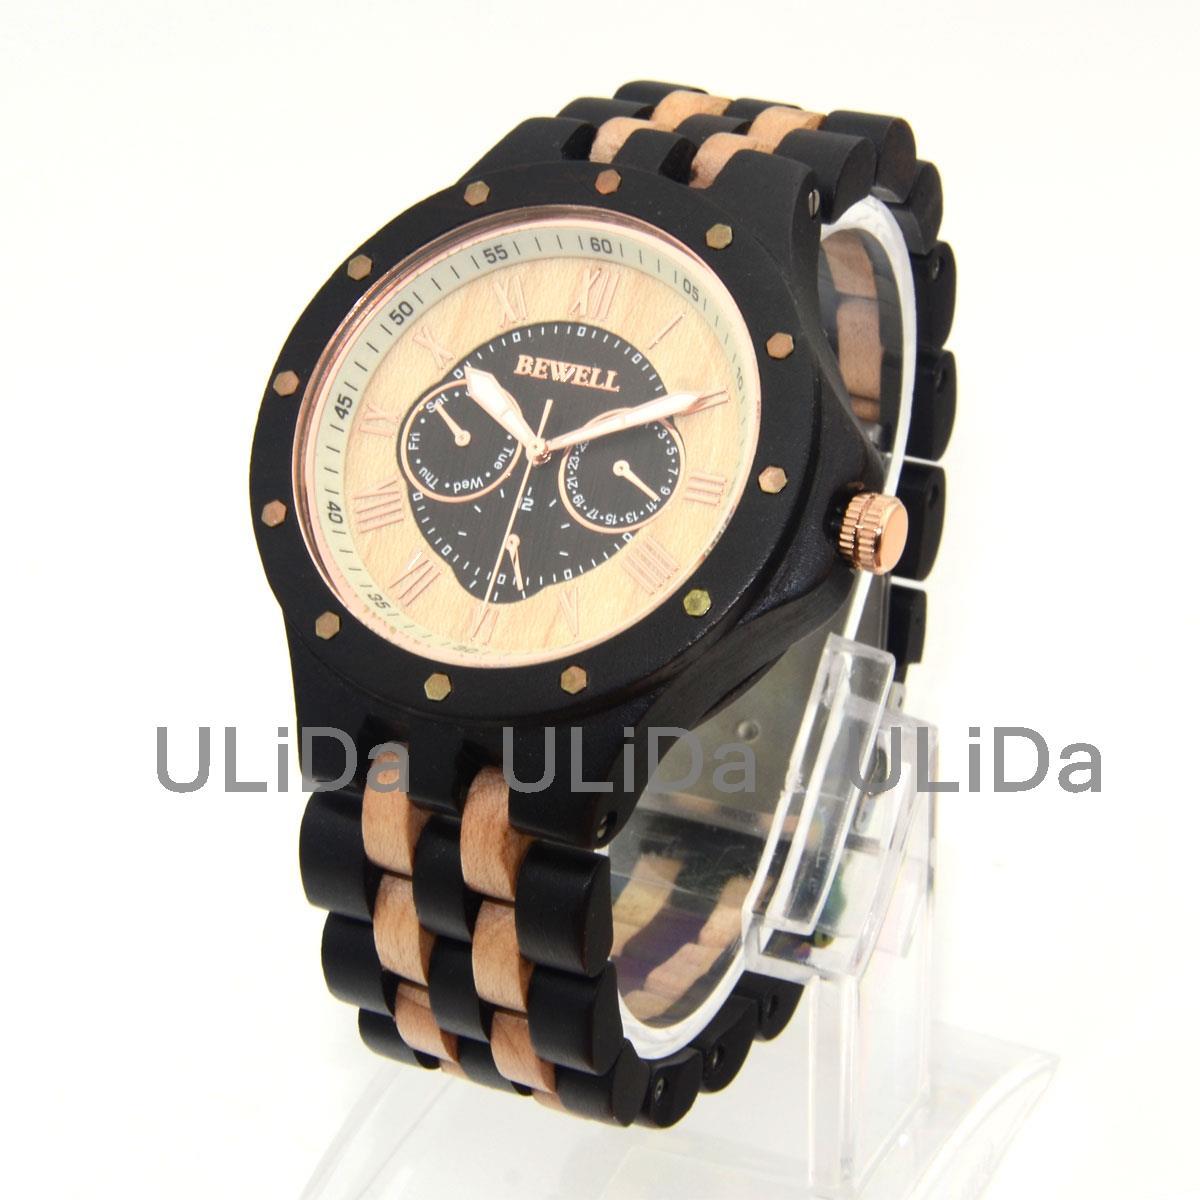 Weekly Calendar Quartz : High quality bewell wooden watches calendar week roman